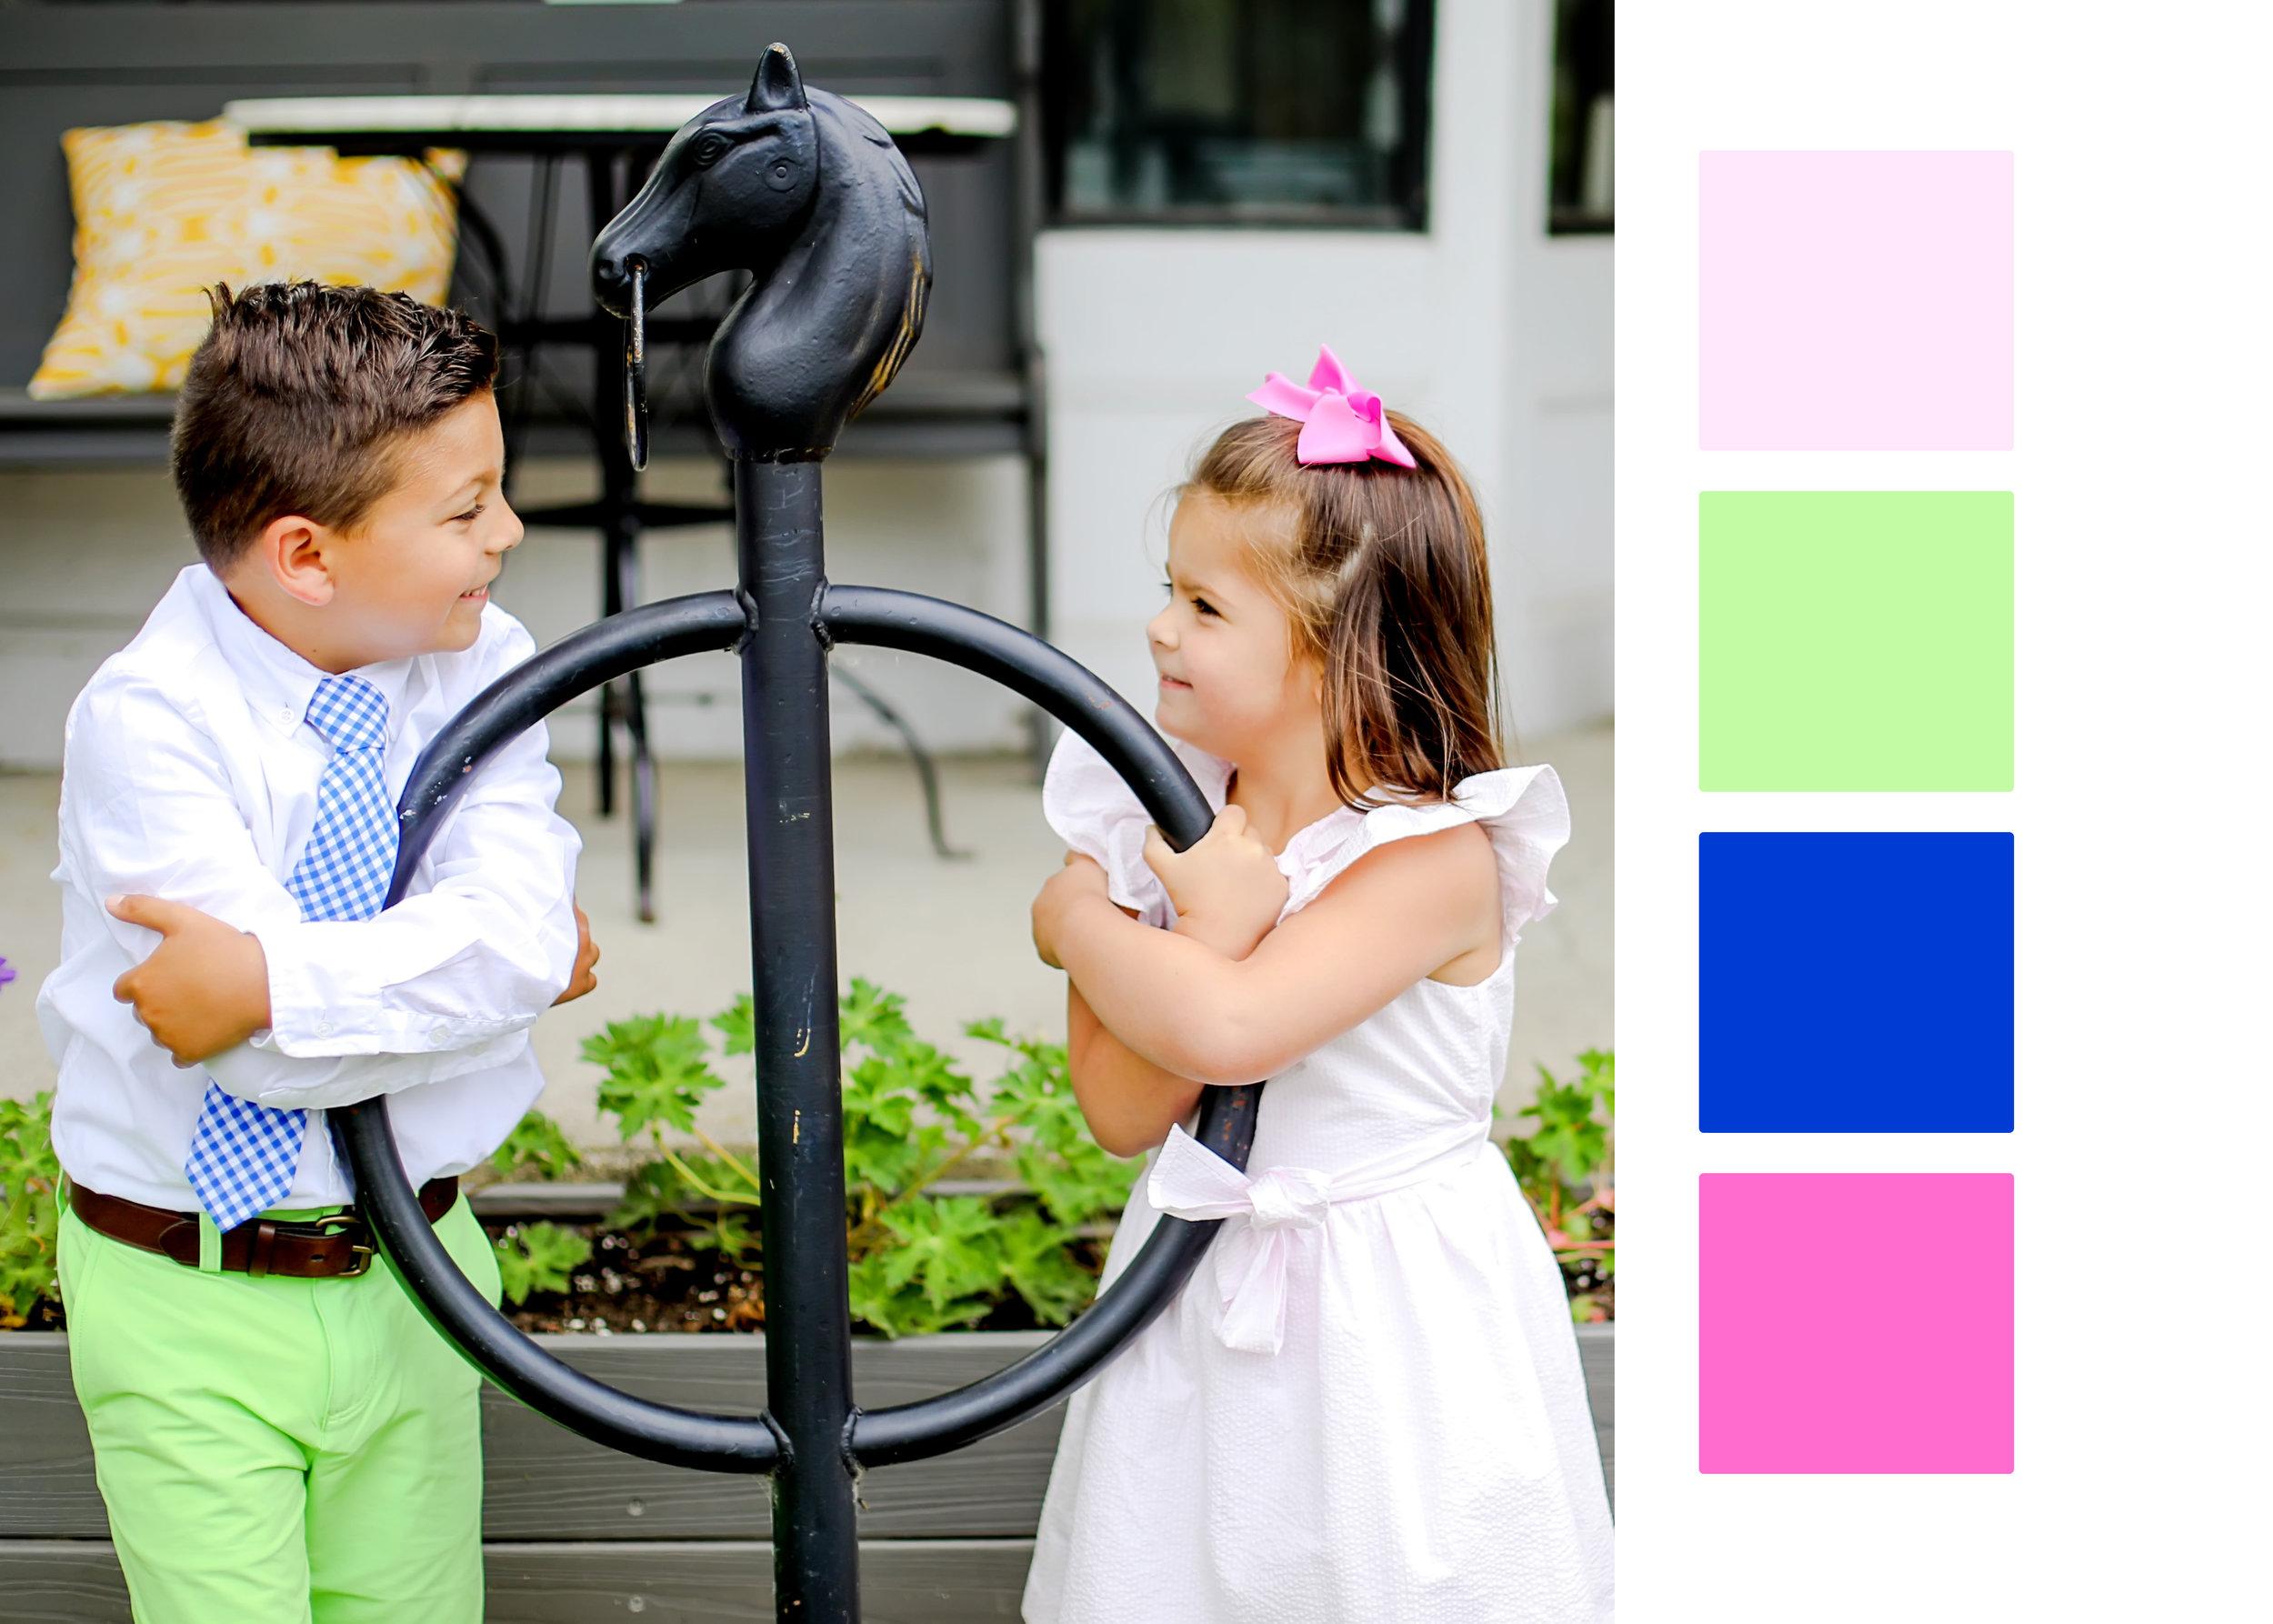 preppy color scheme for portraits.jpg